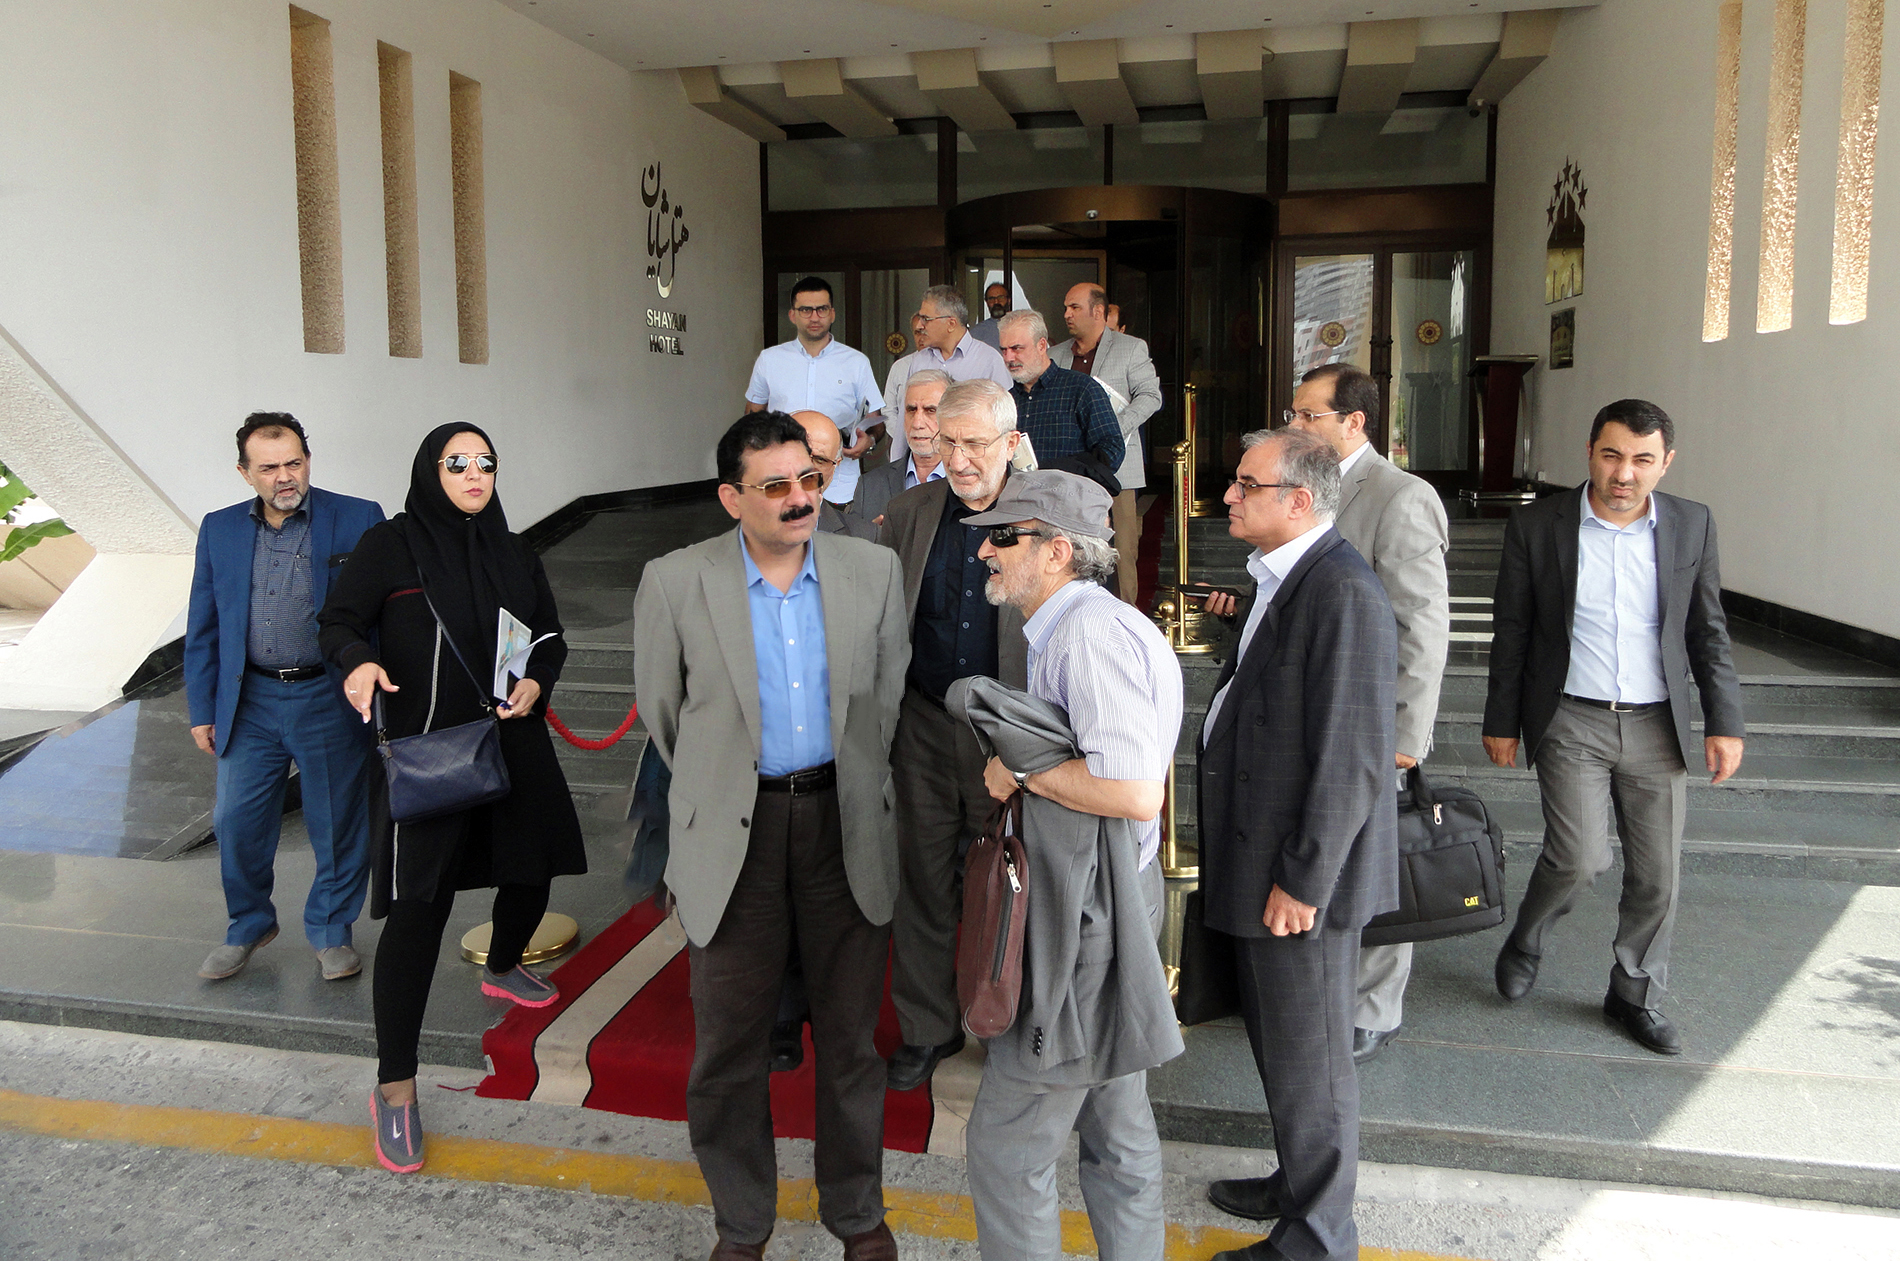 حضور جناب آقای سعیدی کیا در پروژه های شرکت تیسا کیش